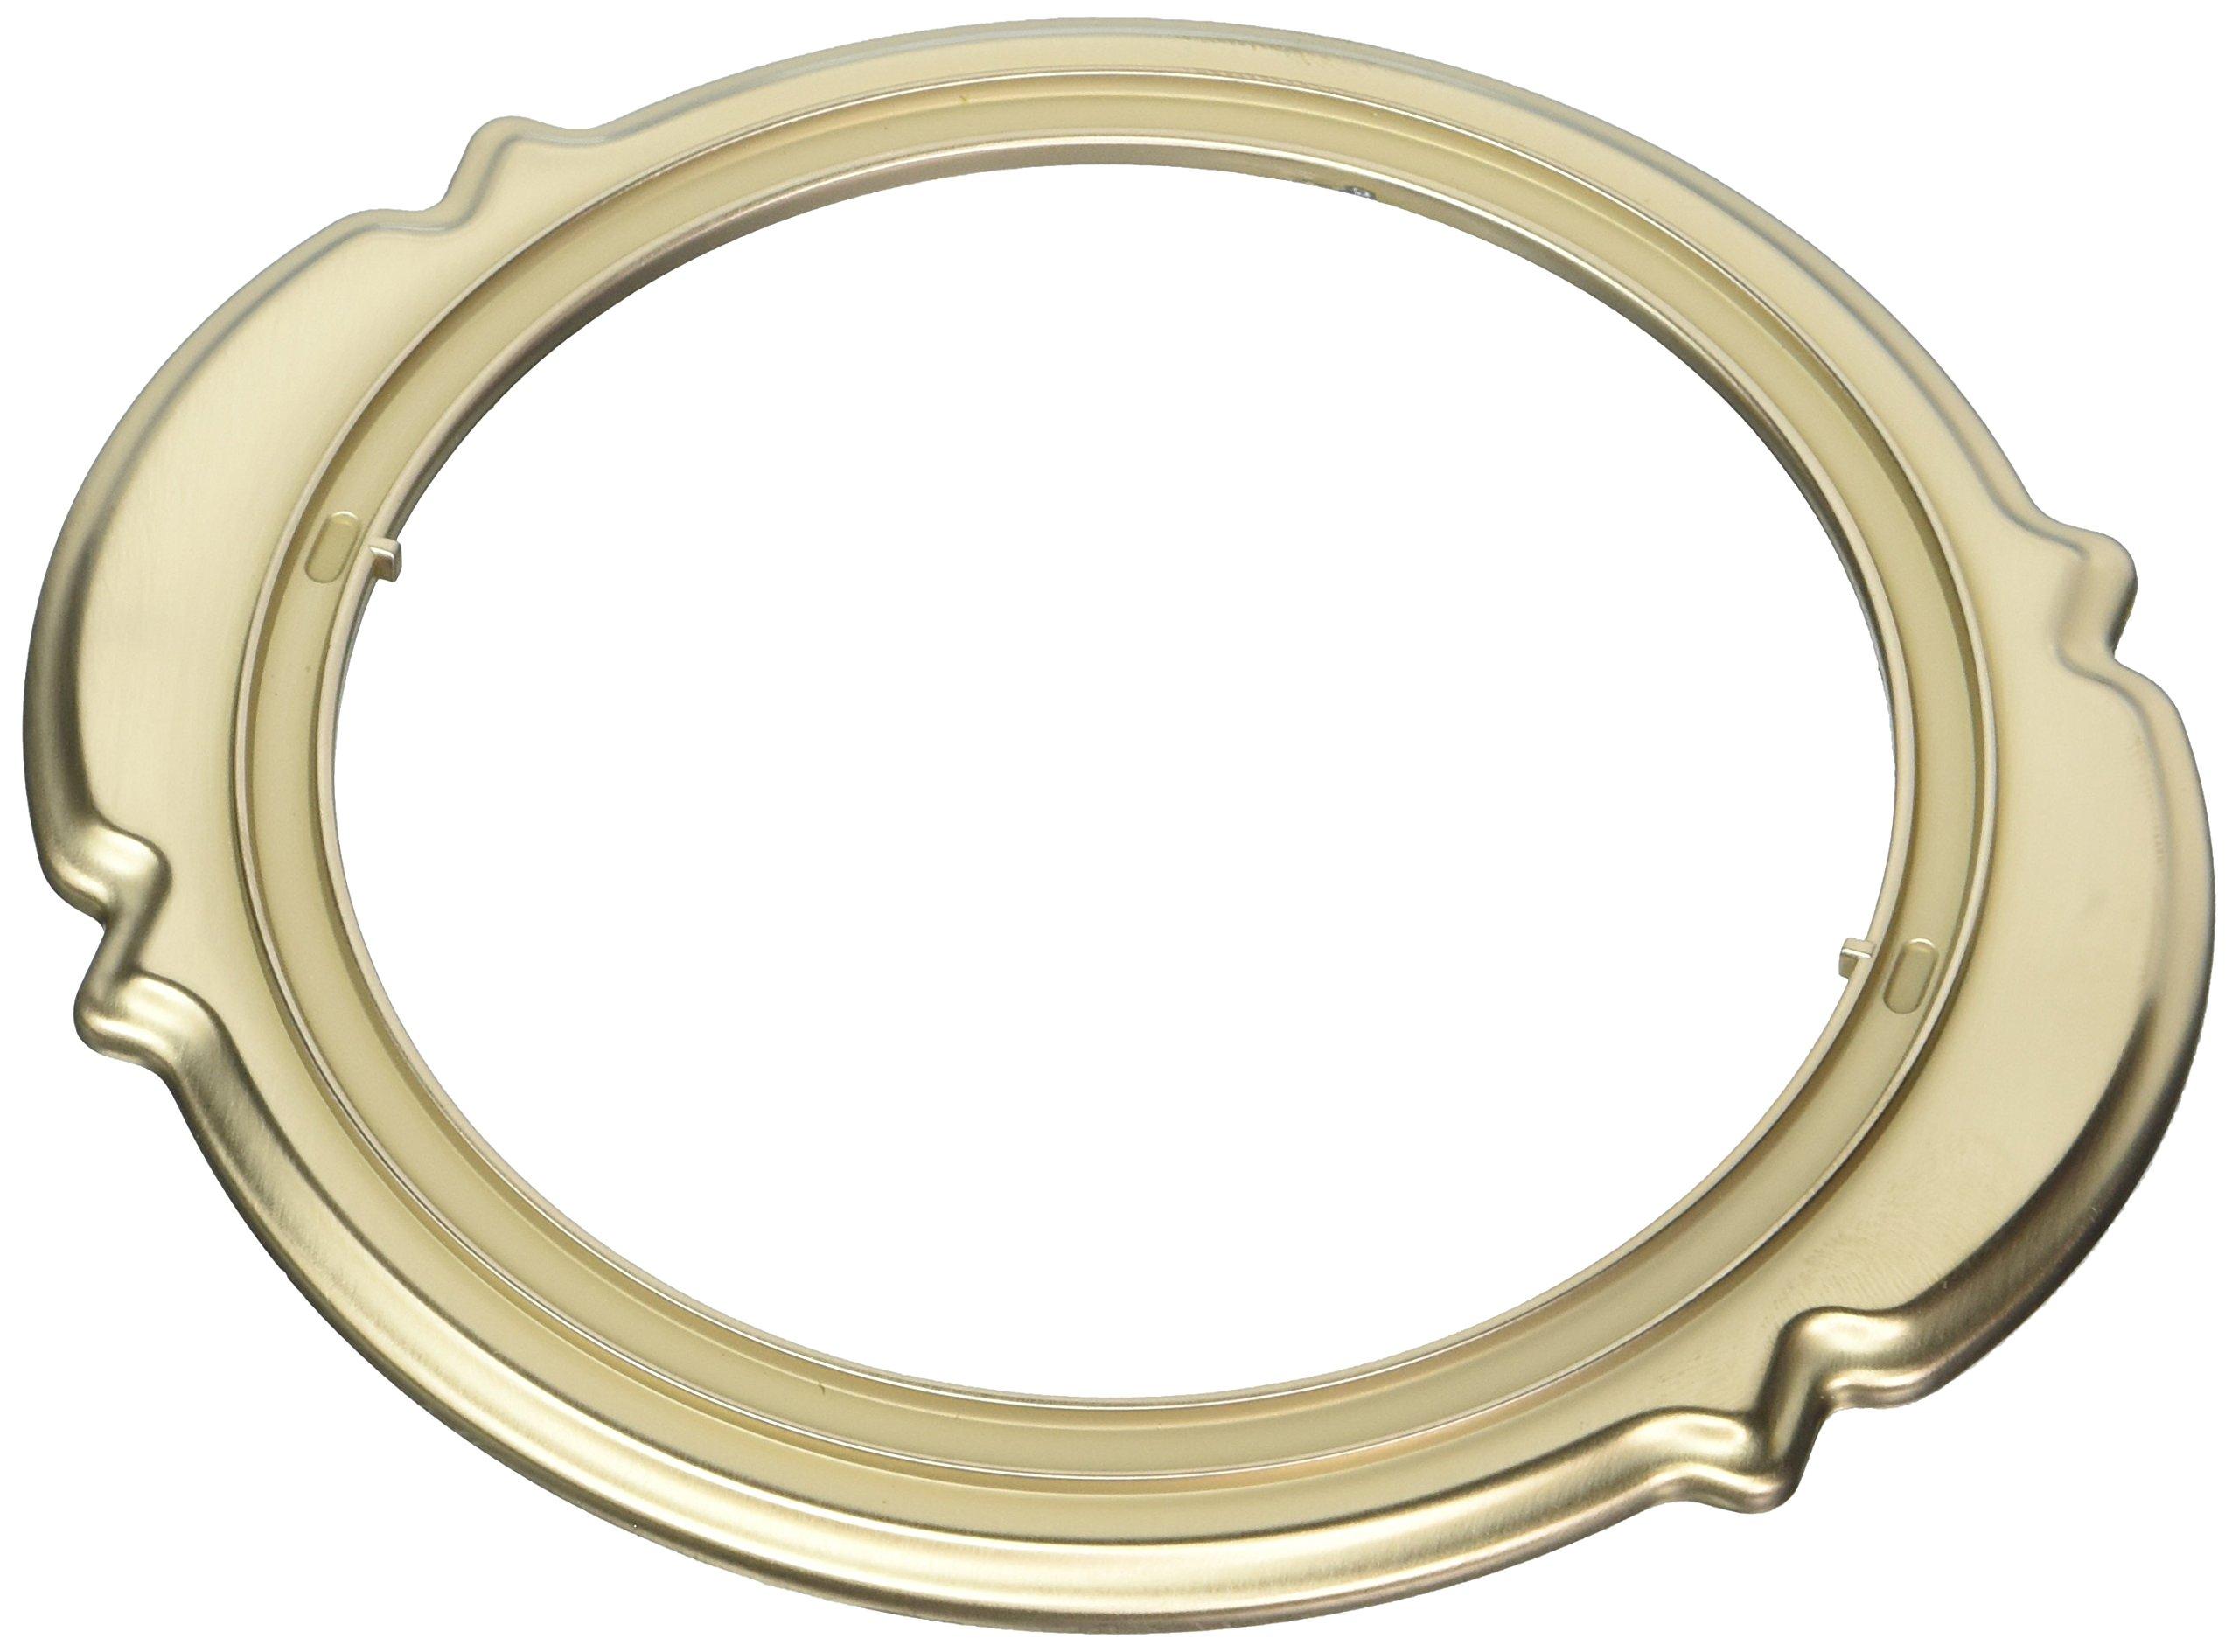 Delta Faucet RP42414CZ Victorian Decorative Trim Ring diverter, Champagne Bronze